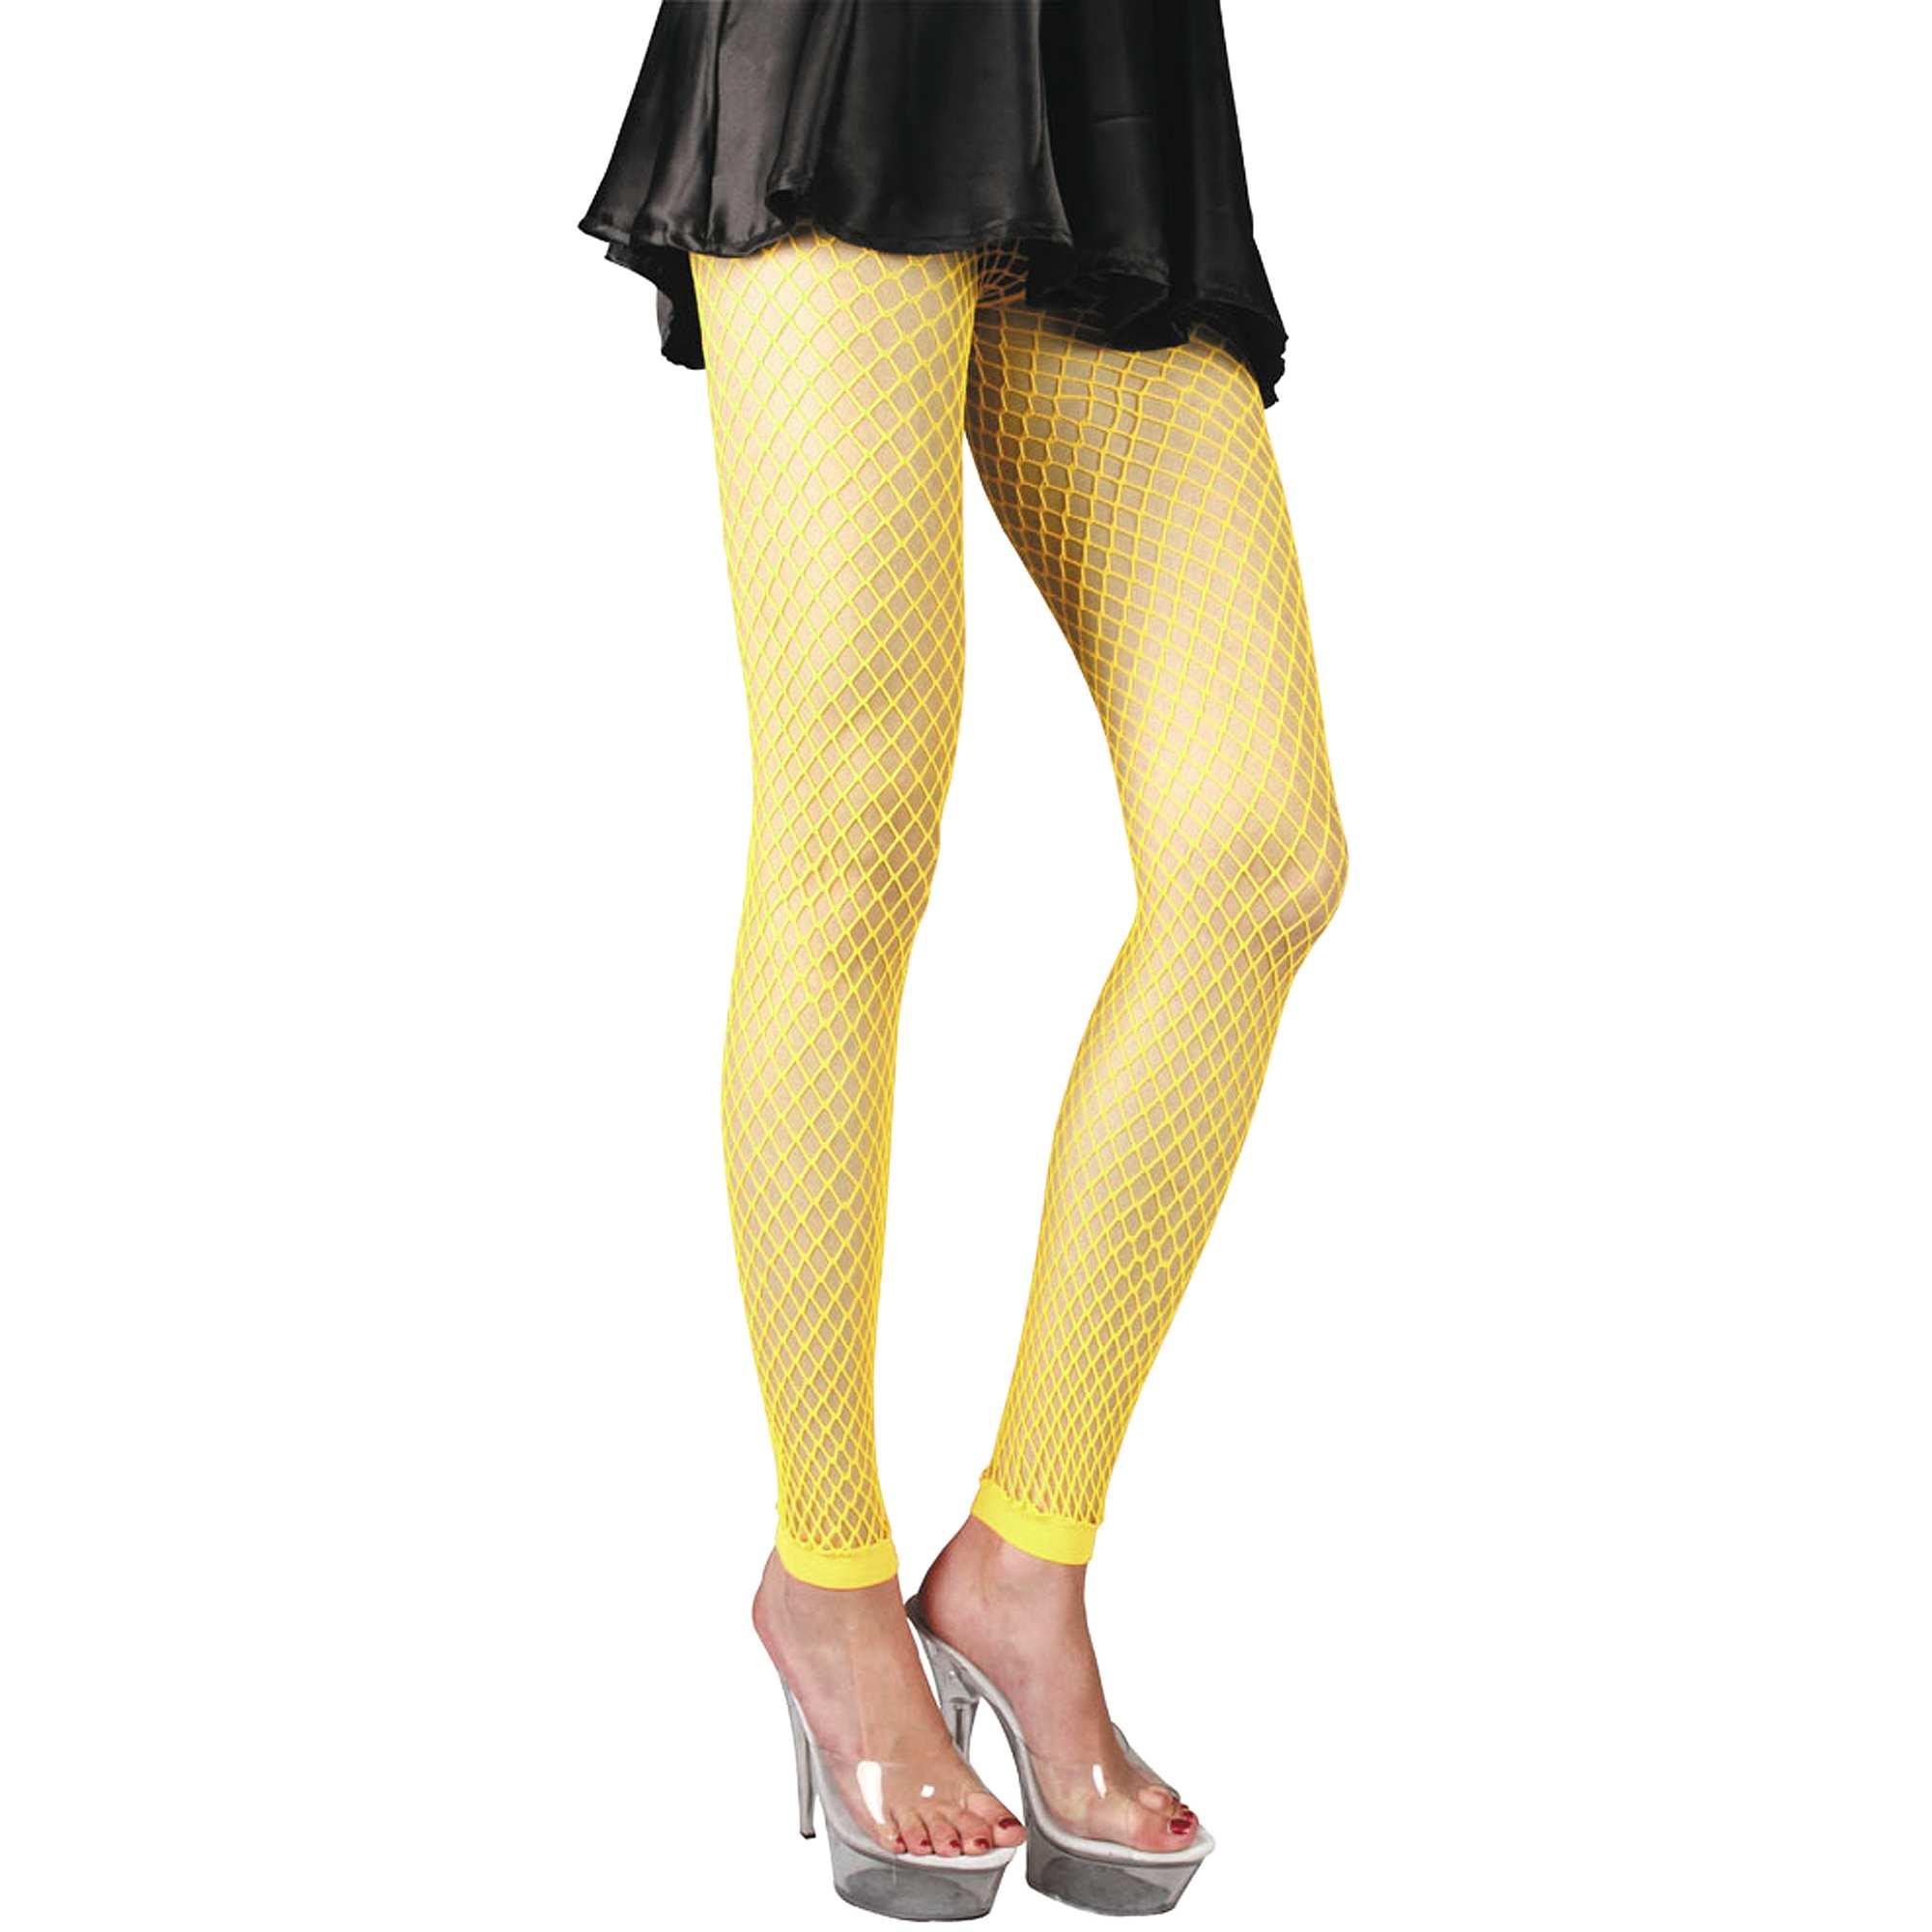 Couleur : rose fluo, vert fluo, bleu fluo,jaune fluo, - Taille : TU, , ,,Customisez votre déguisement avec la paire de legging résille fluo, une tenue originale